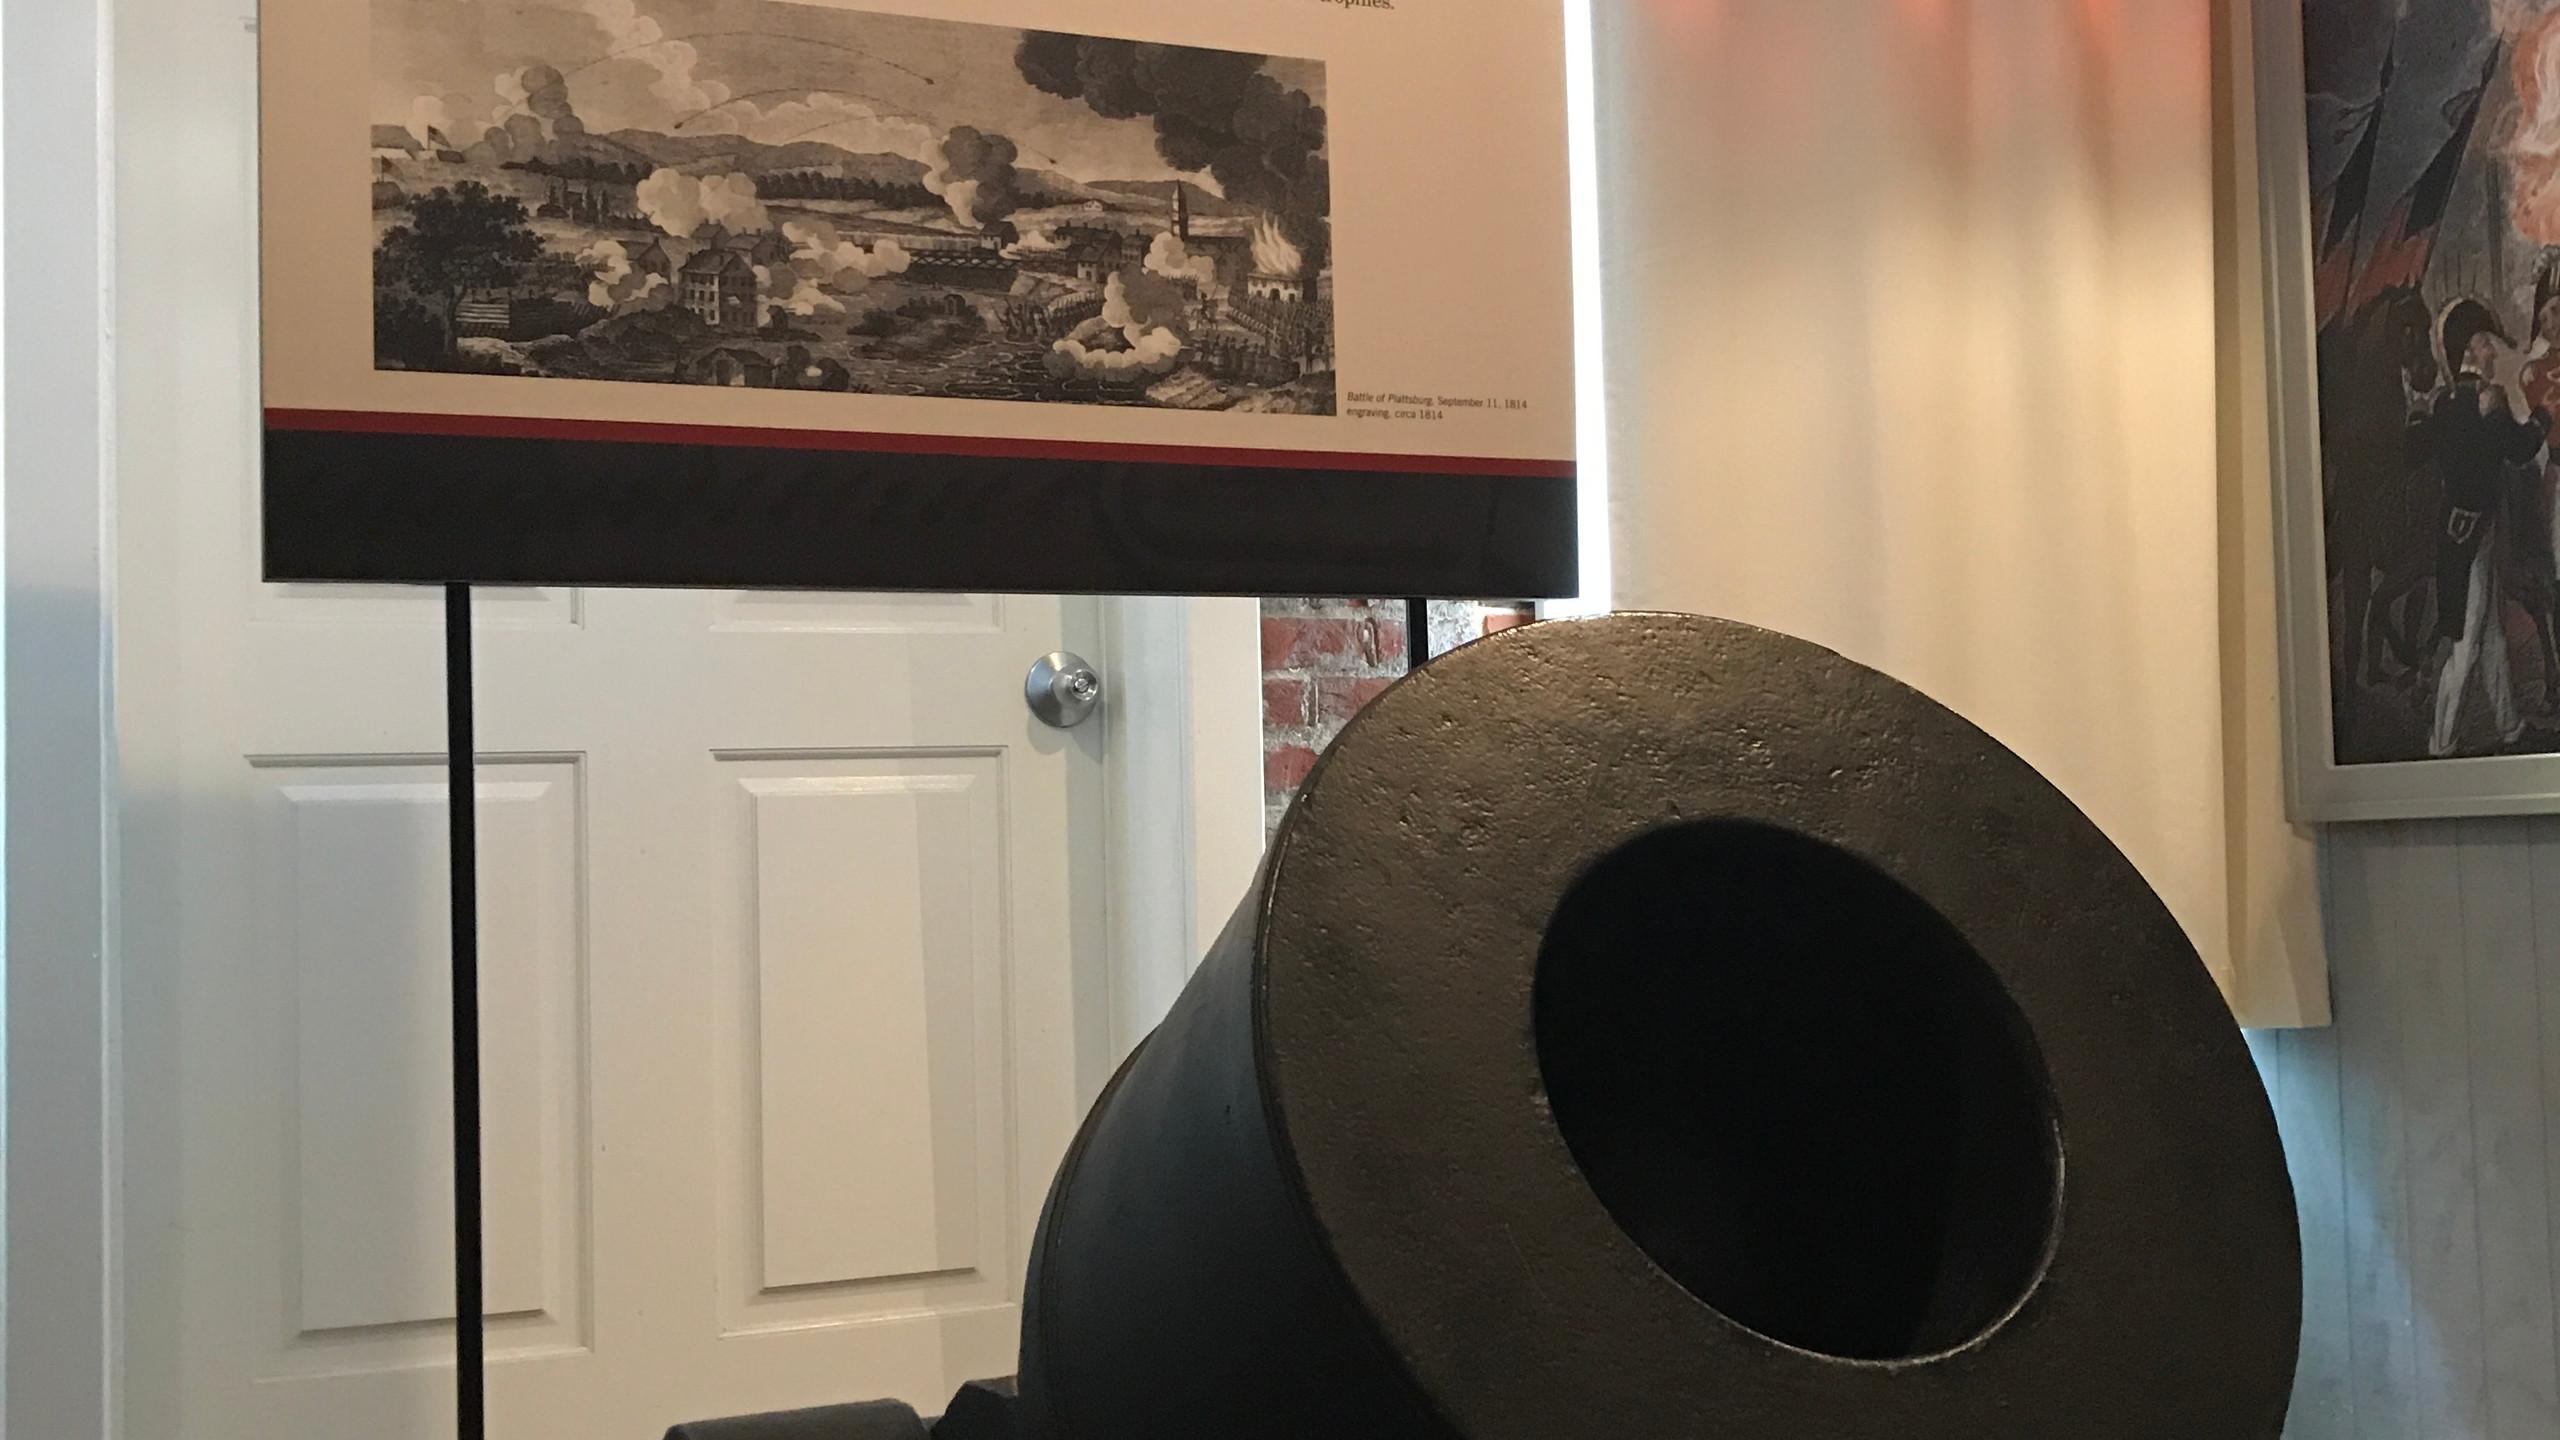 British 8-inch Siege Mortar